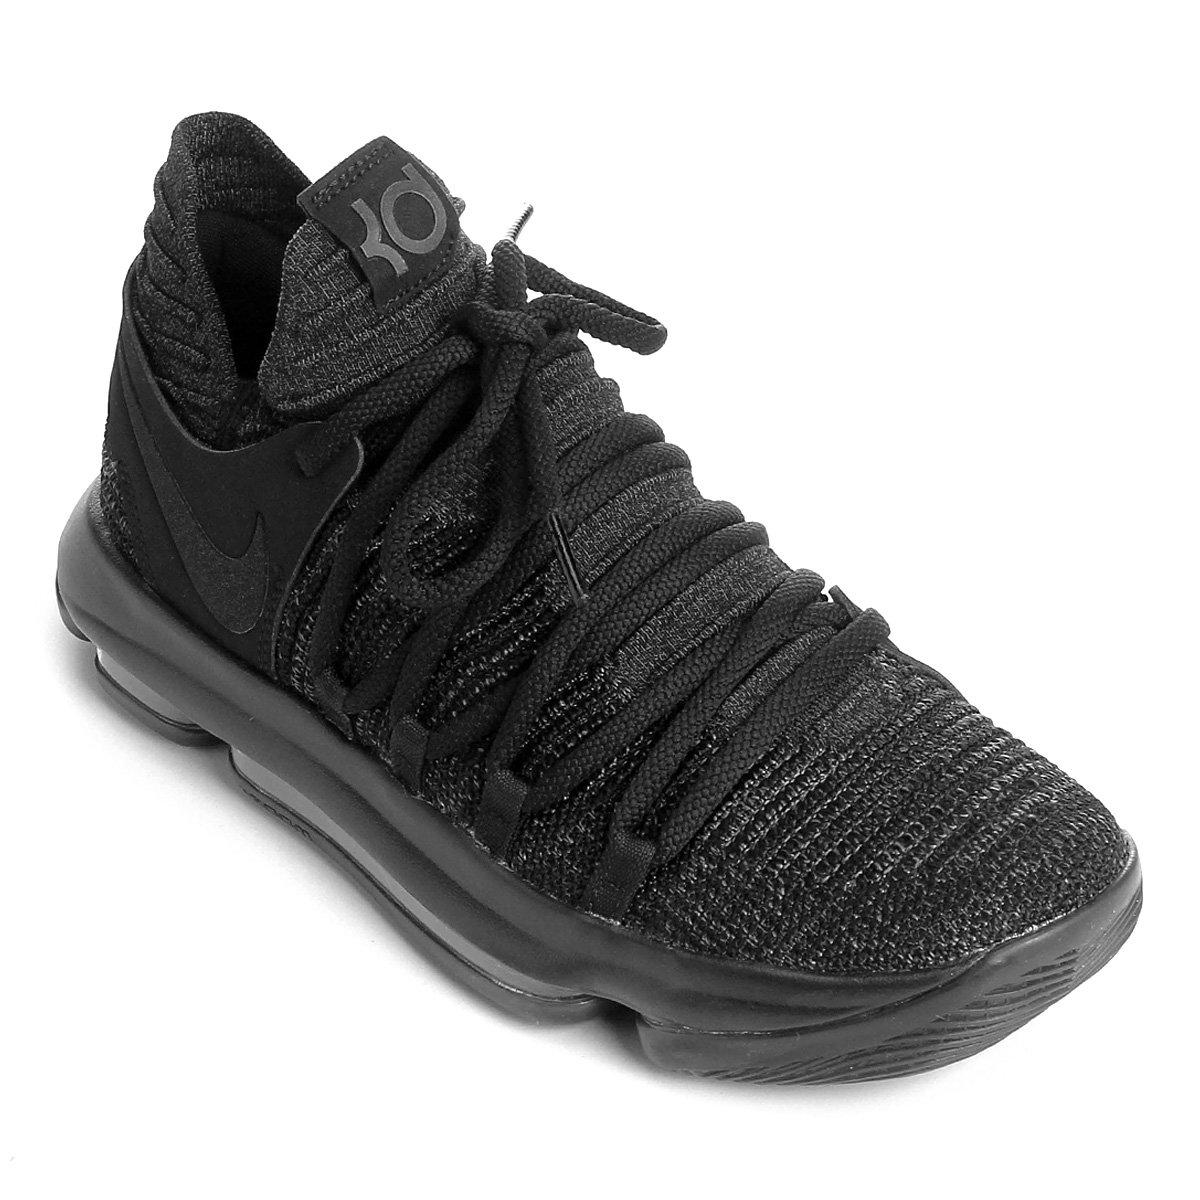 a92d67376add53 Tênis Nike Zoom KD 10 Masculino - Compre Agora